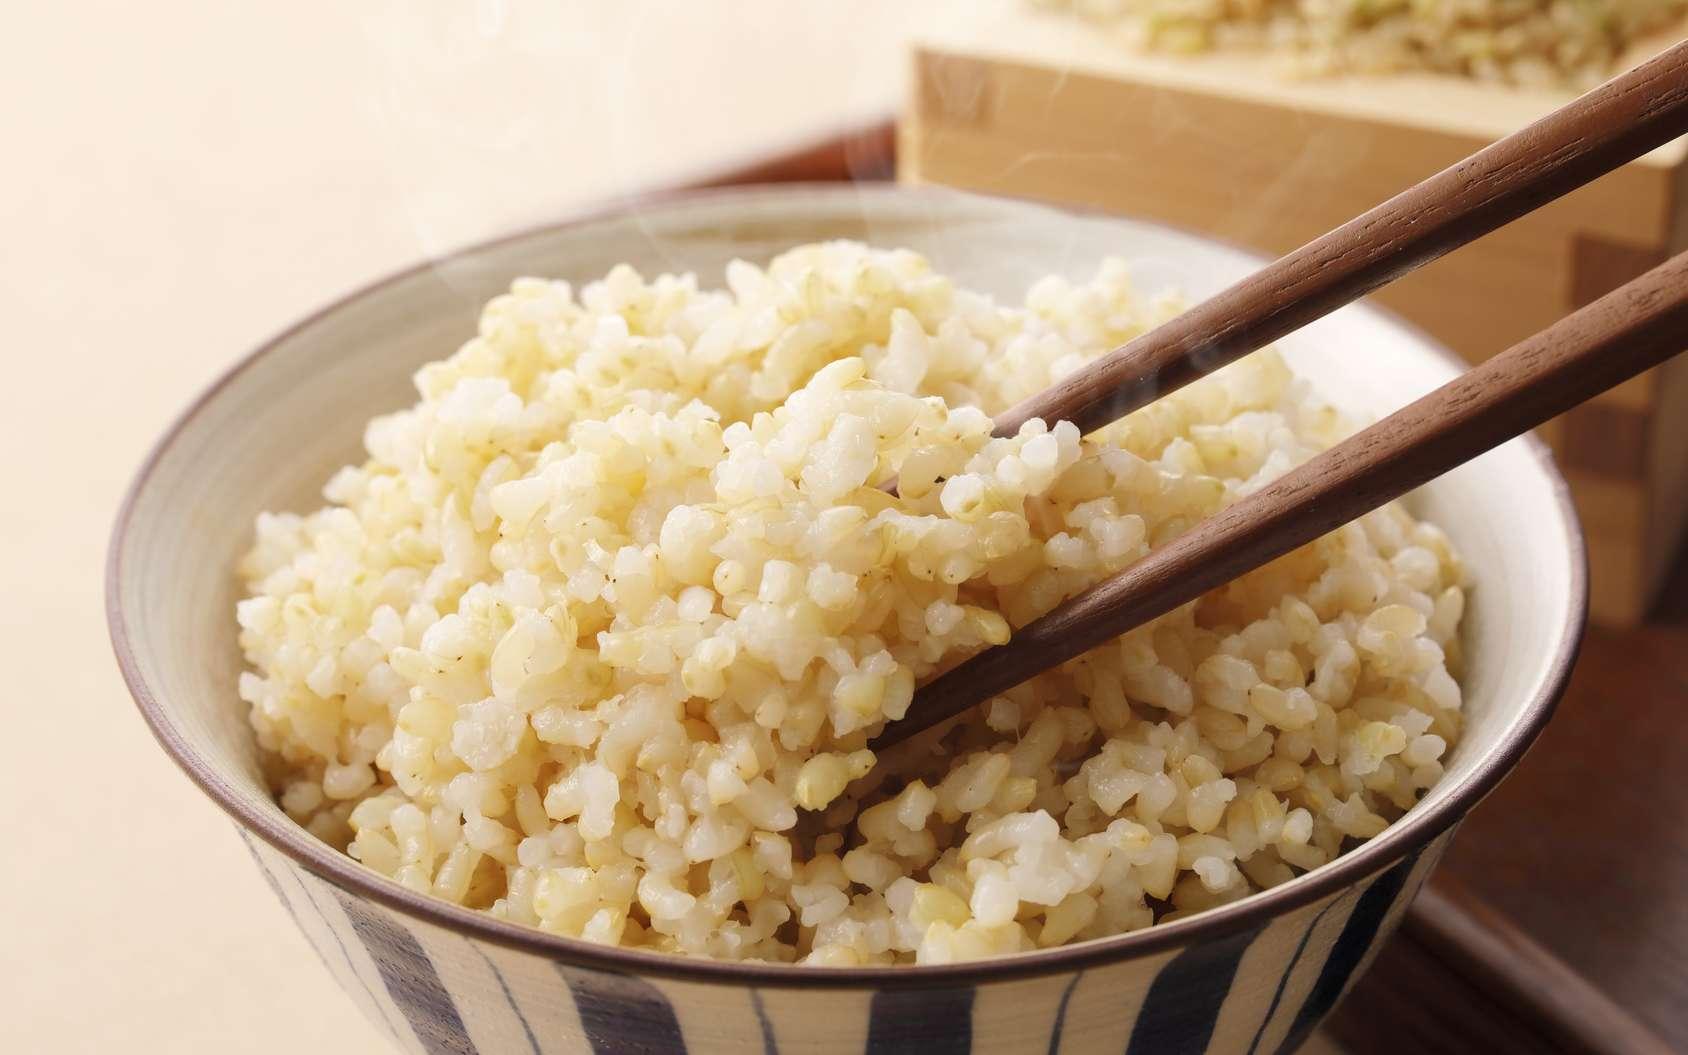 Manger du riz : bon ou mauvais pour la santé ? © Nishihama, Fotolia